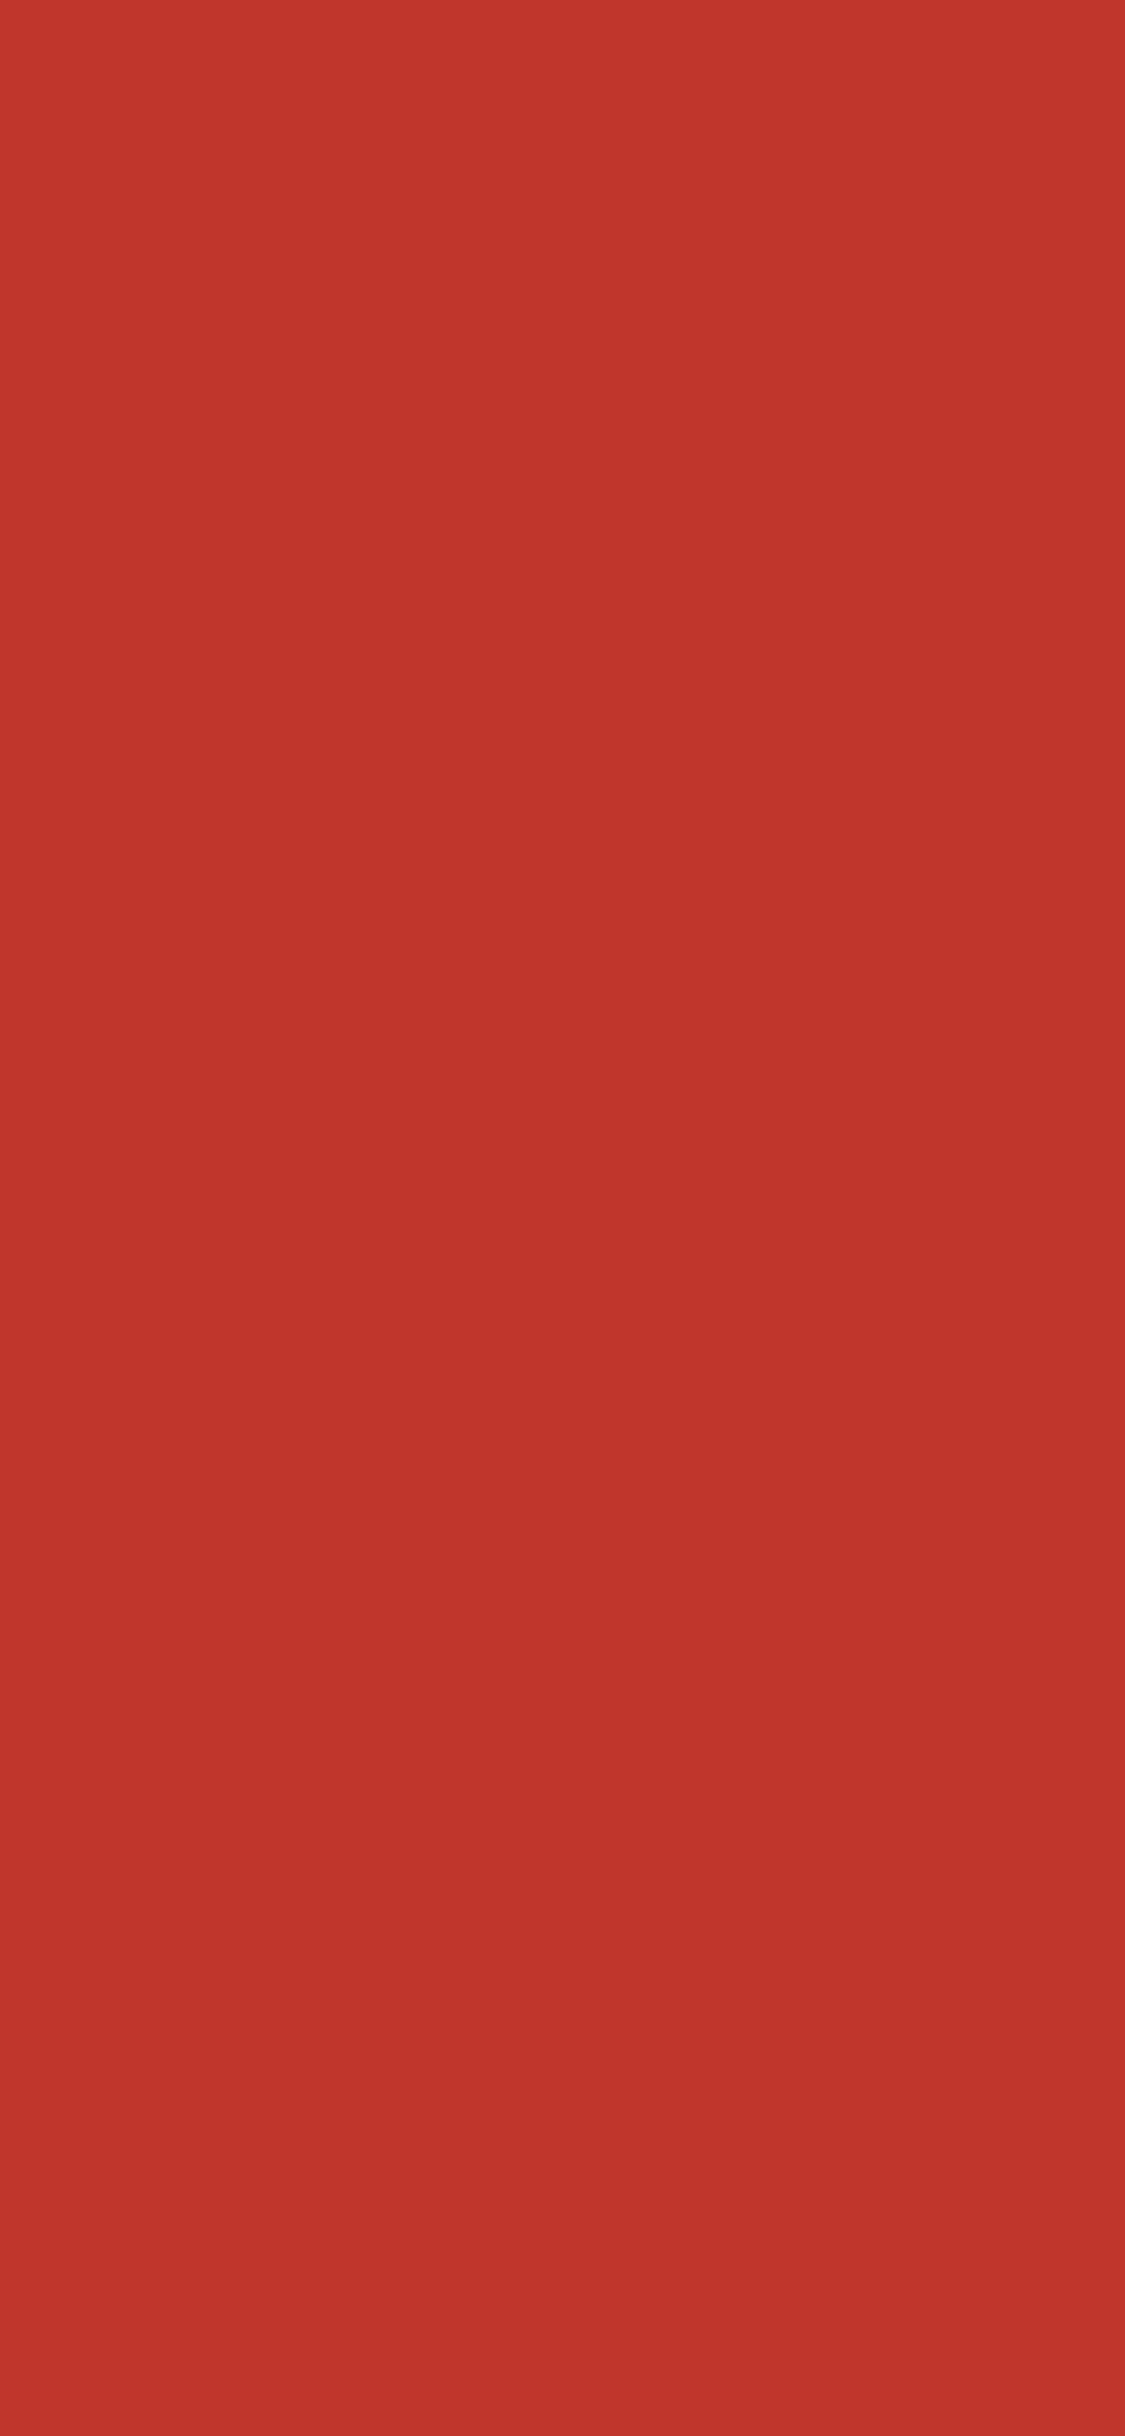 1125x2436 International Orange Golden Gate Bridge Solid Color Background